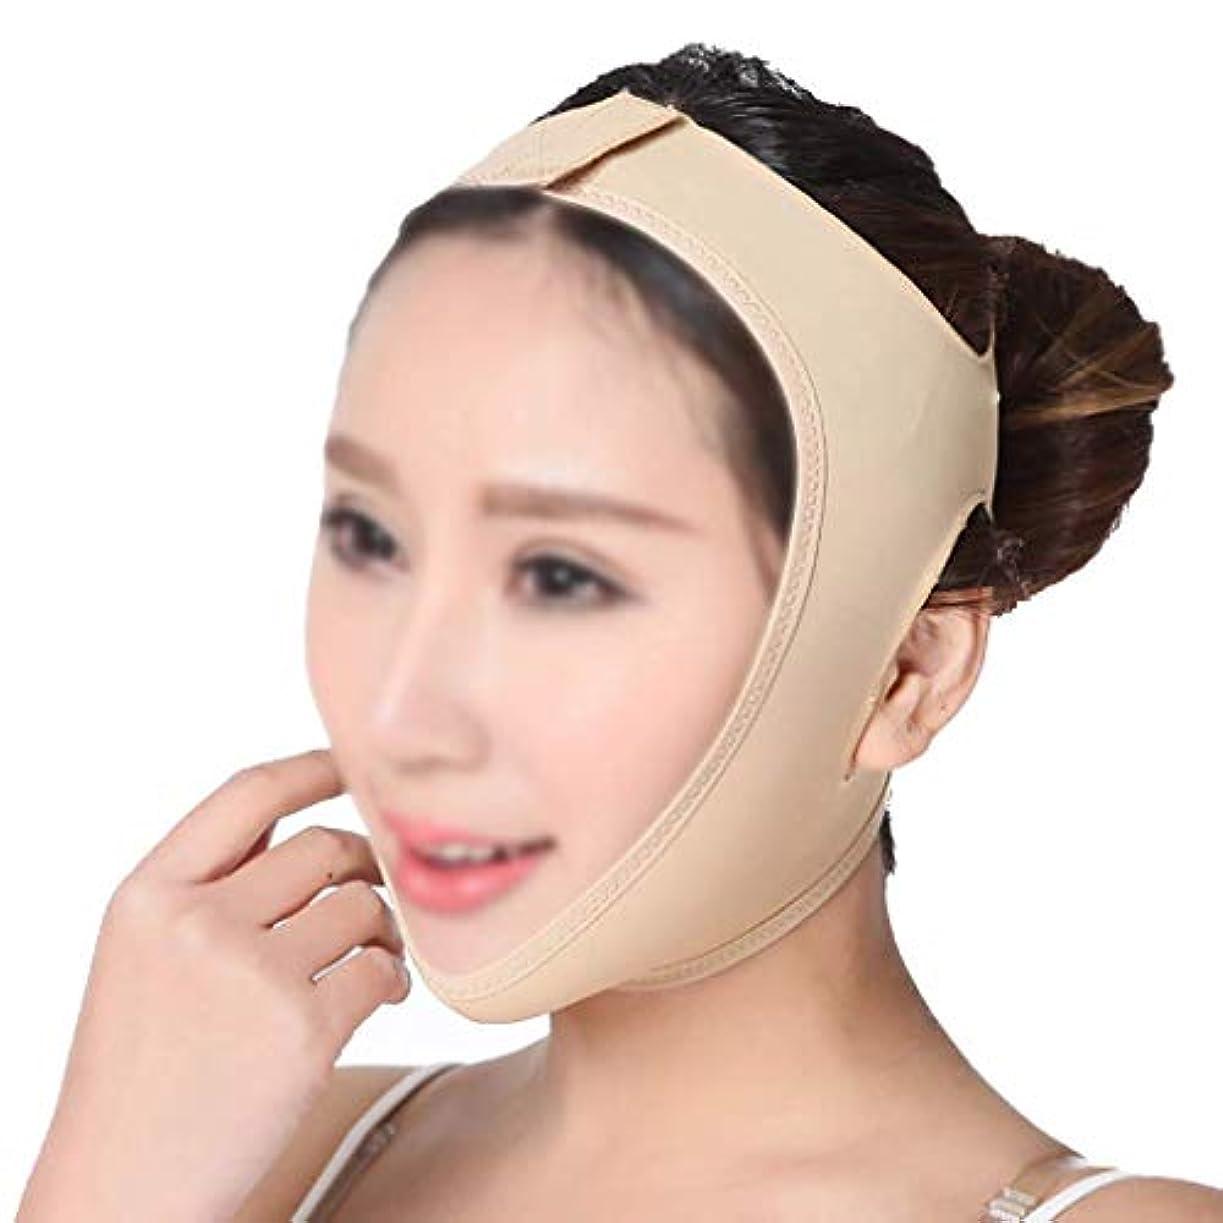 取る回答慰めフェイスリフティング包帯、Vフェイスインストゥルメントフェイスマスクアーティファクト引き締めマスク手動フェイシャルマッサージ通気性肌のトーン(サイズ:M)